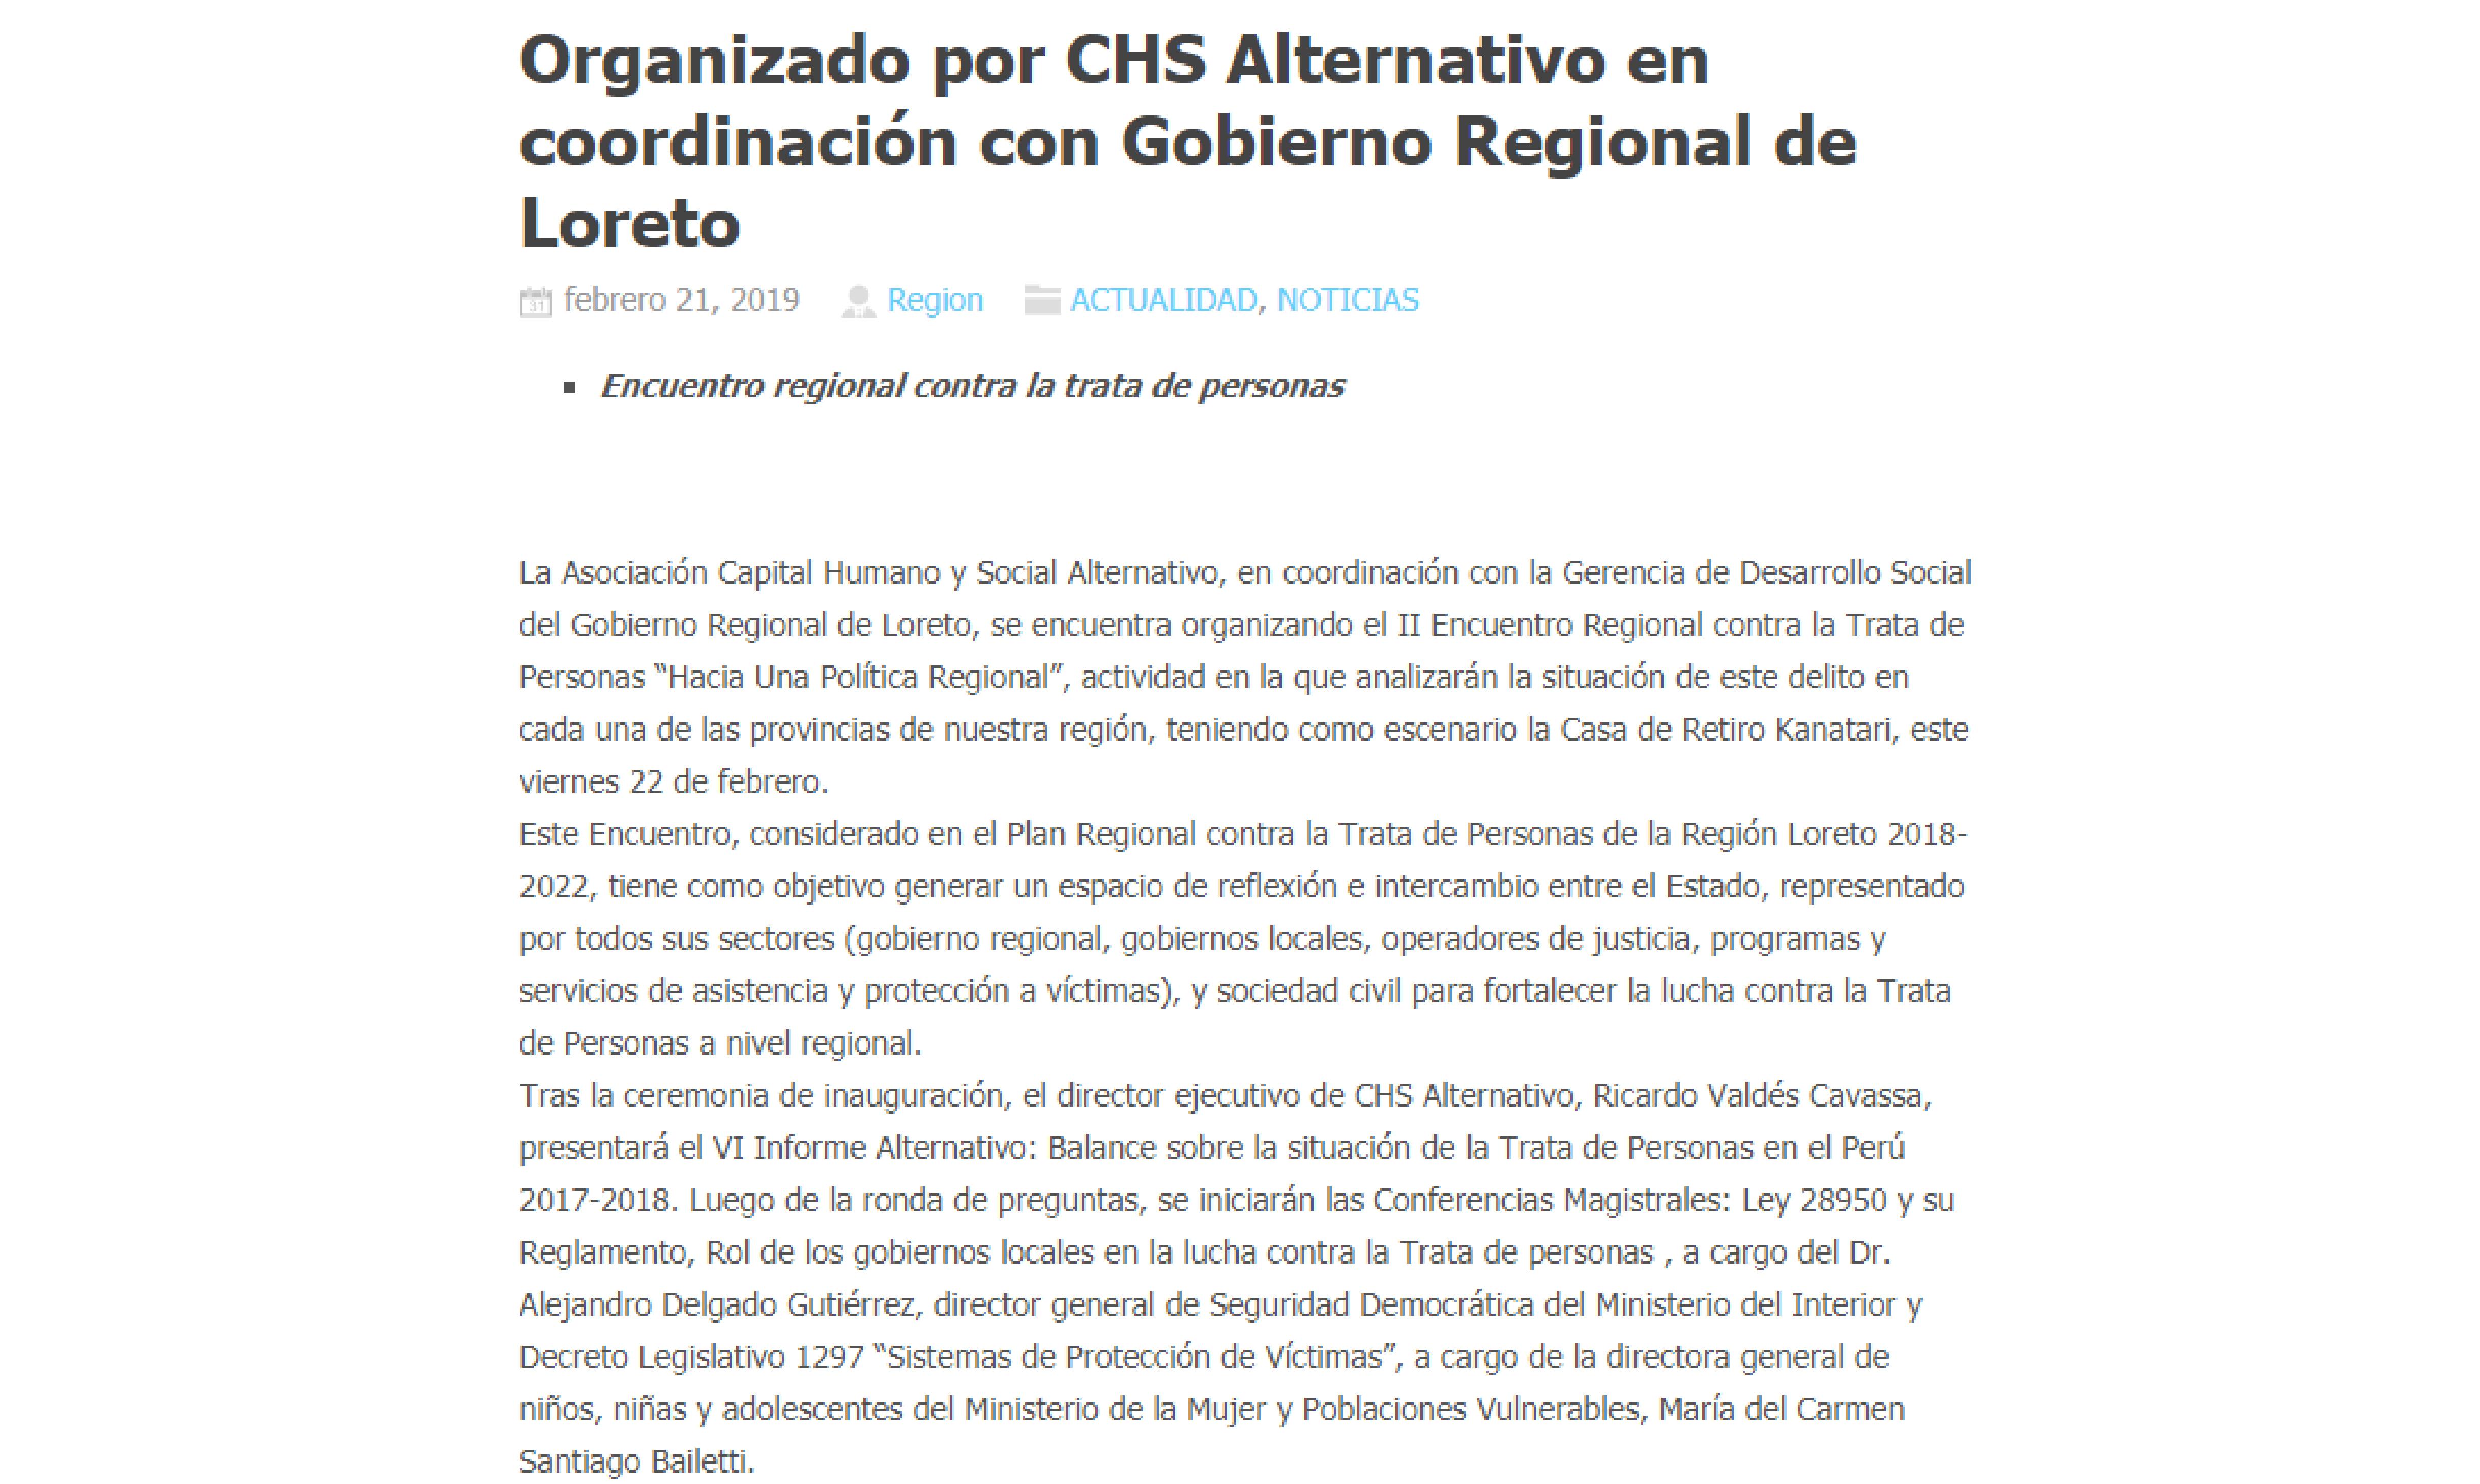 Encuentro regional organizado por CHS Alternativo en coordinación con gobierno regional de Loreto